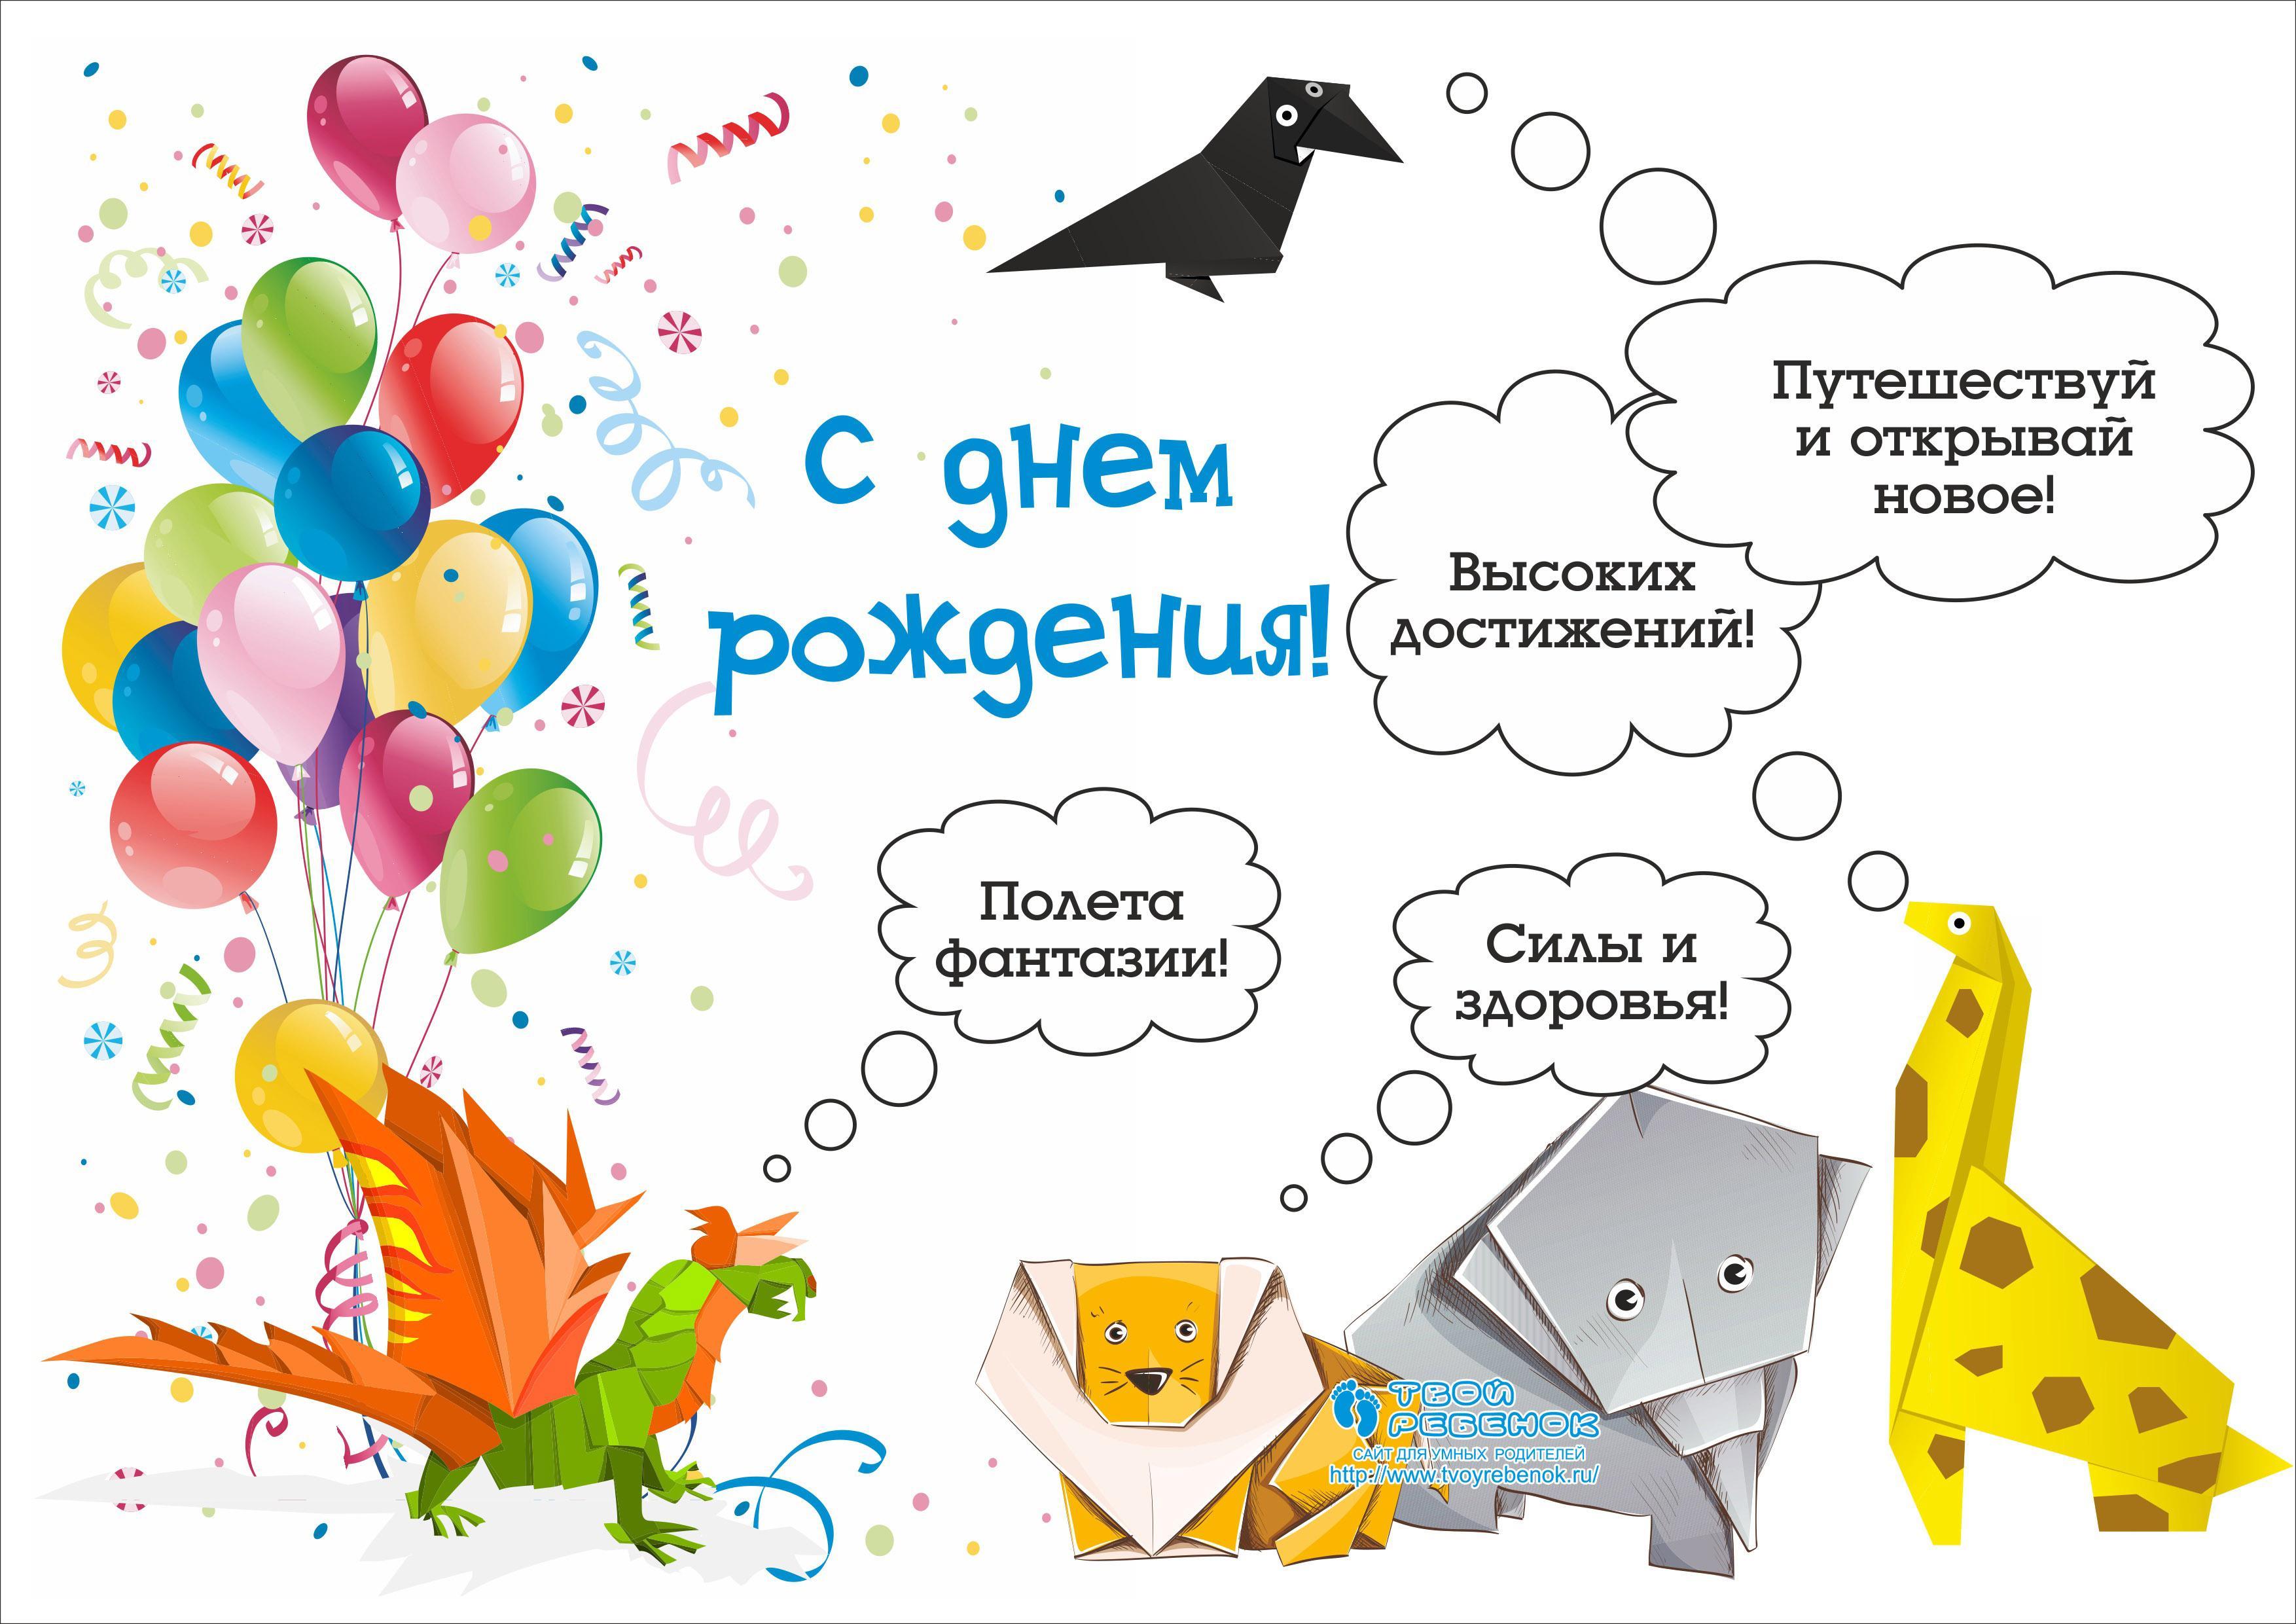 Необычное способы поздравление с днем рождения